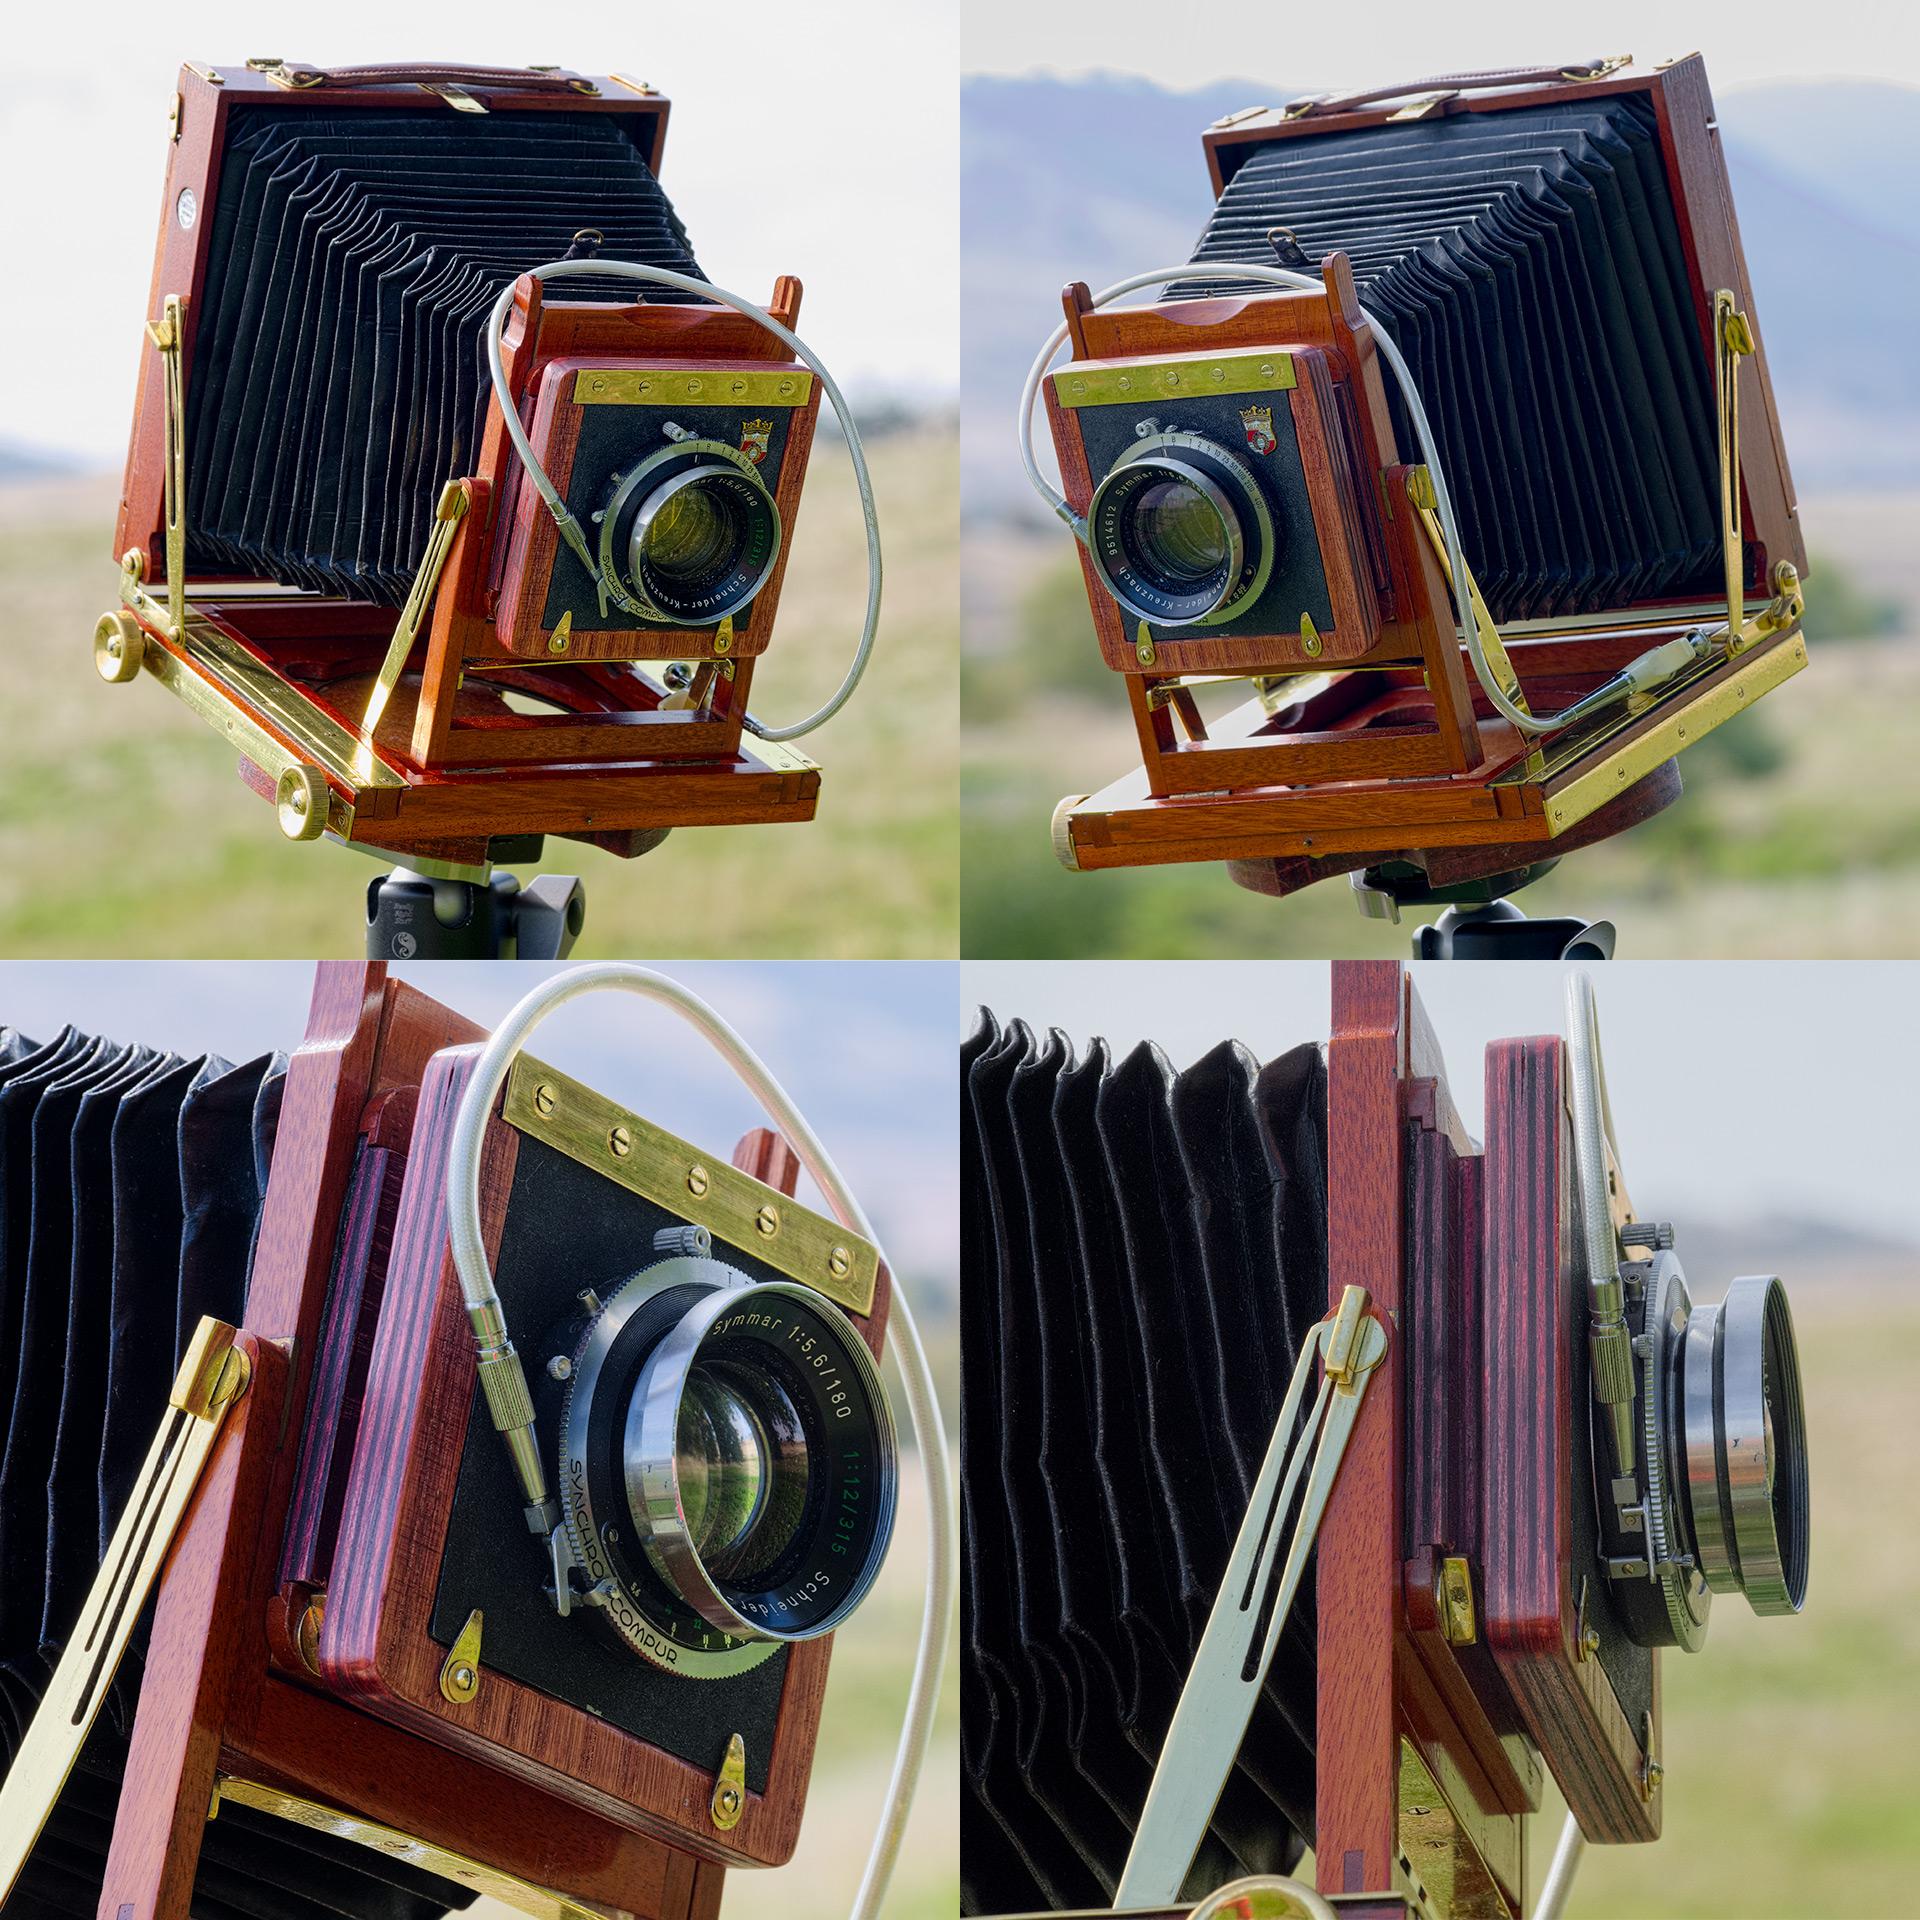 Antique cameras are oh-so versatile...